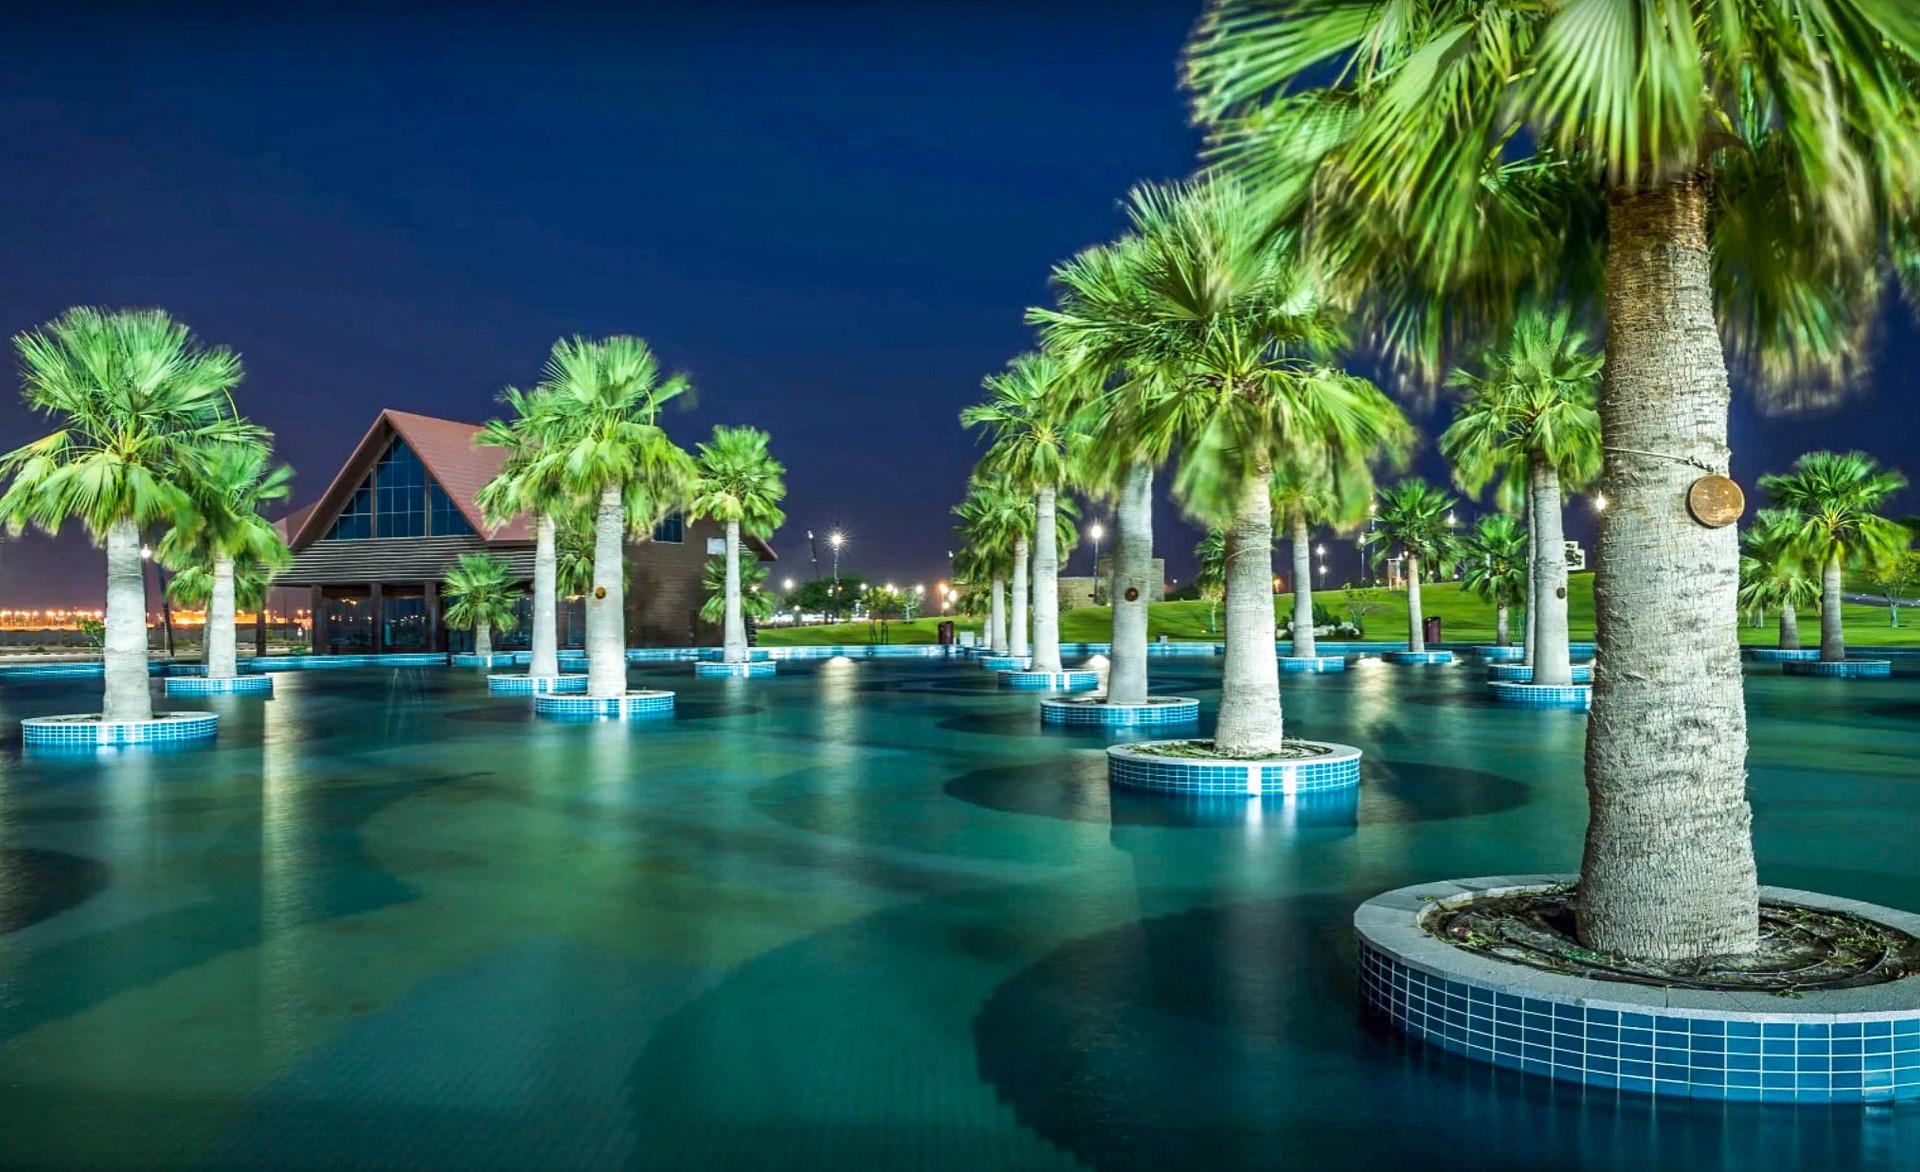 Al-bayt-stadium-trees-pool.jpg